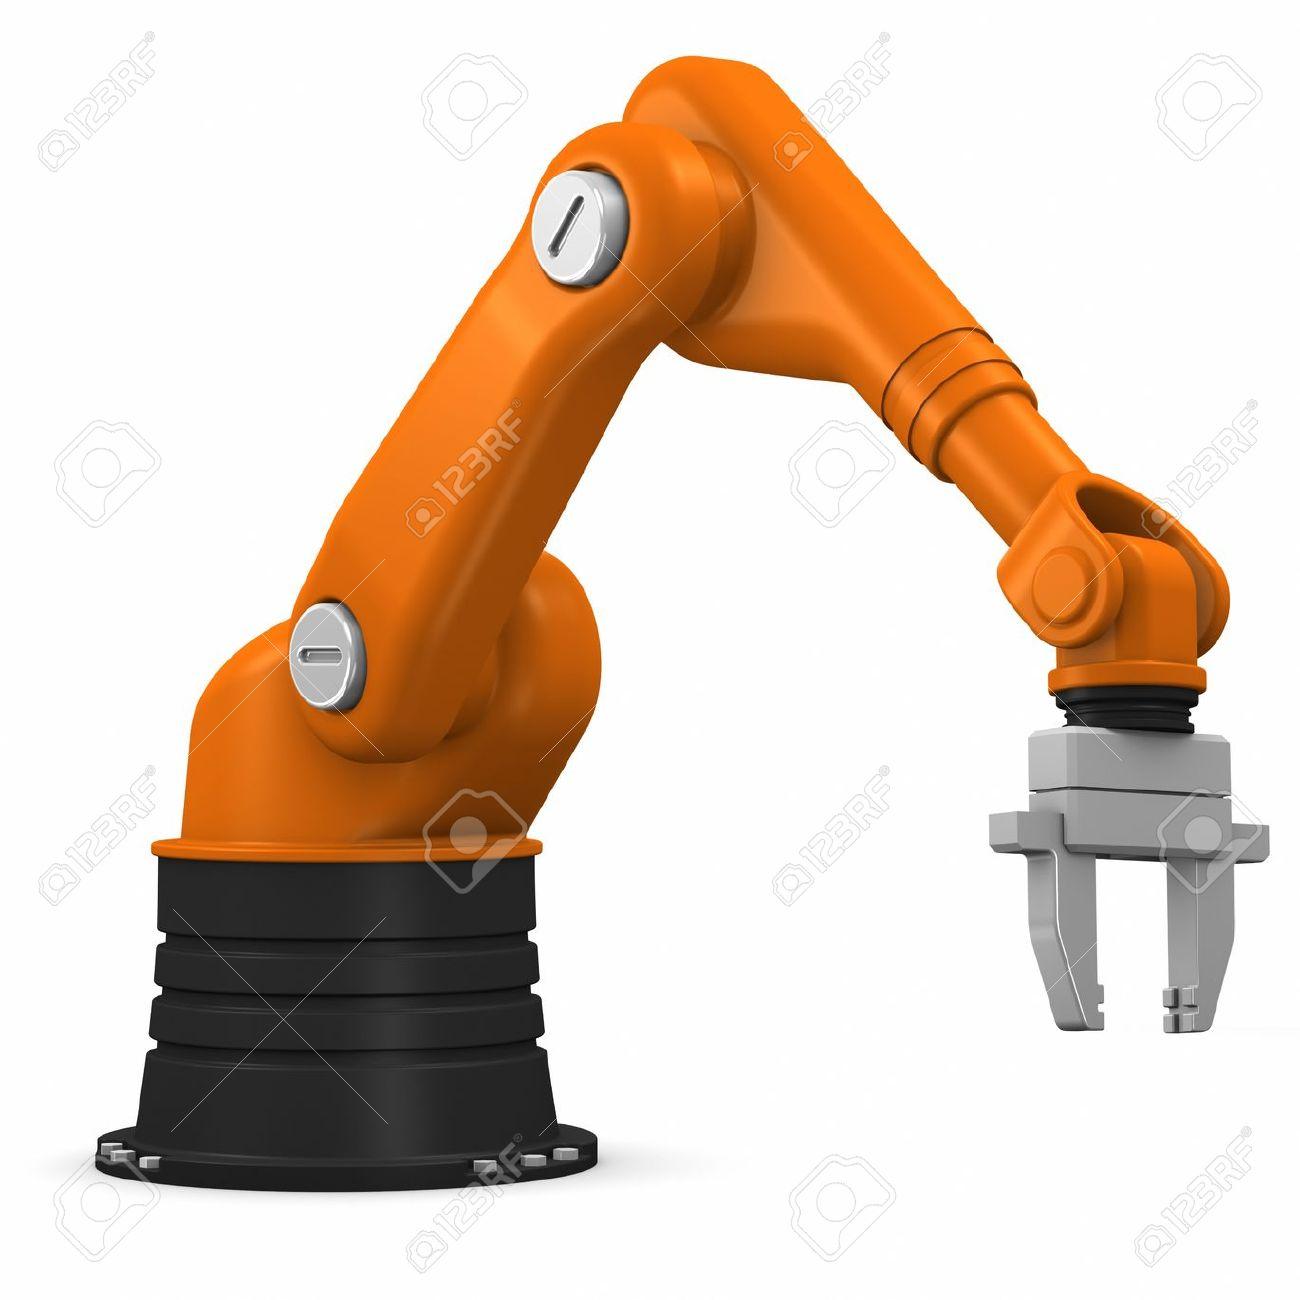 Промышленного робота своими руками